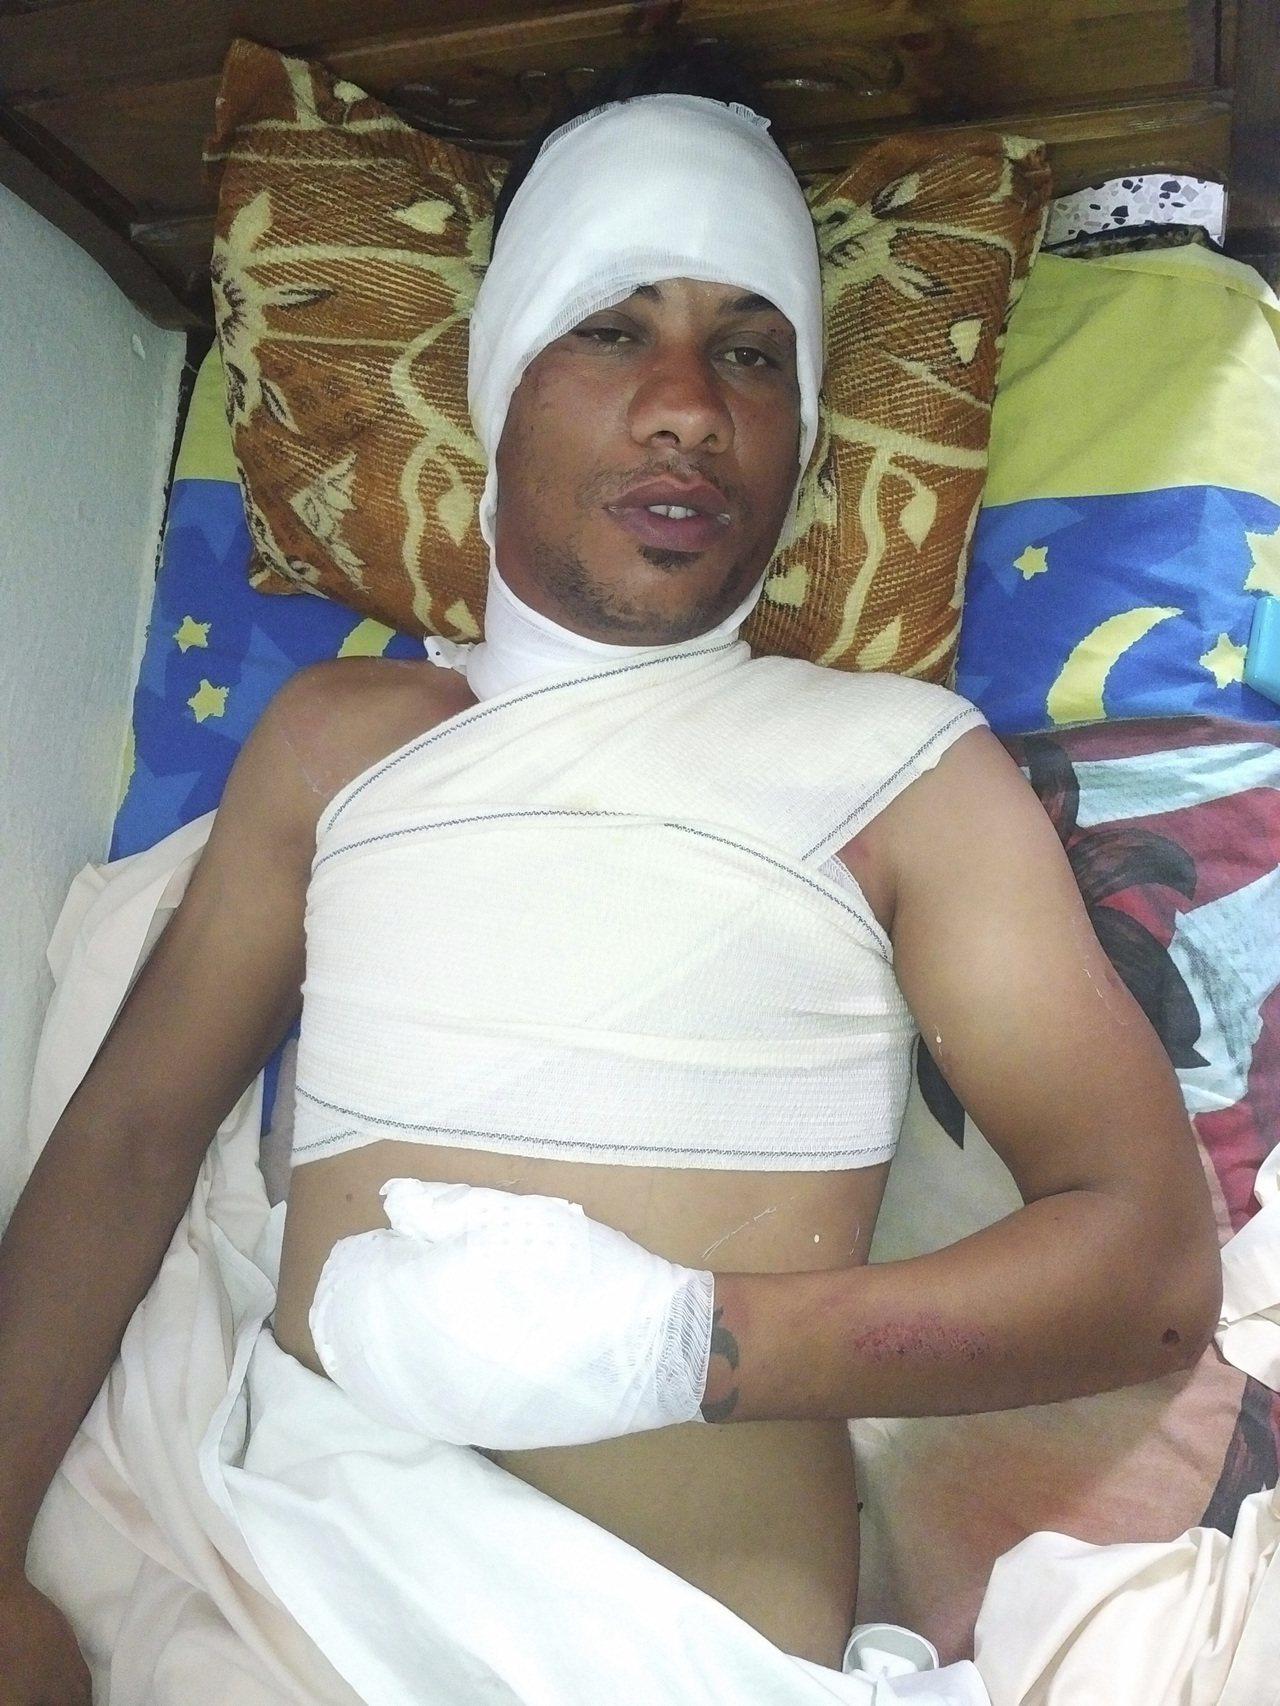 突尼西亞人戴里迪今年5月為抗議警察驅趕他擺攤做生意,點火自焚。圖為他在突尼斯附近...